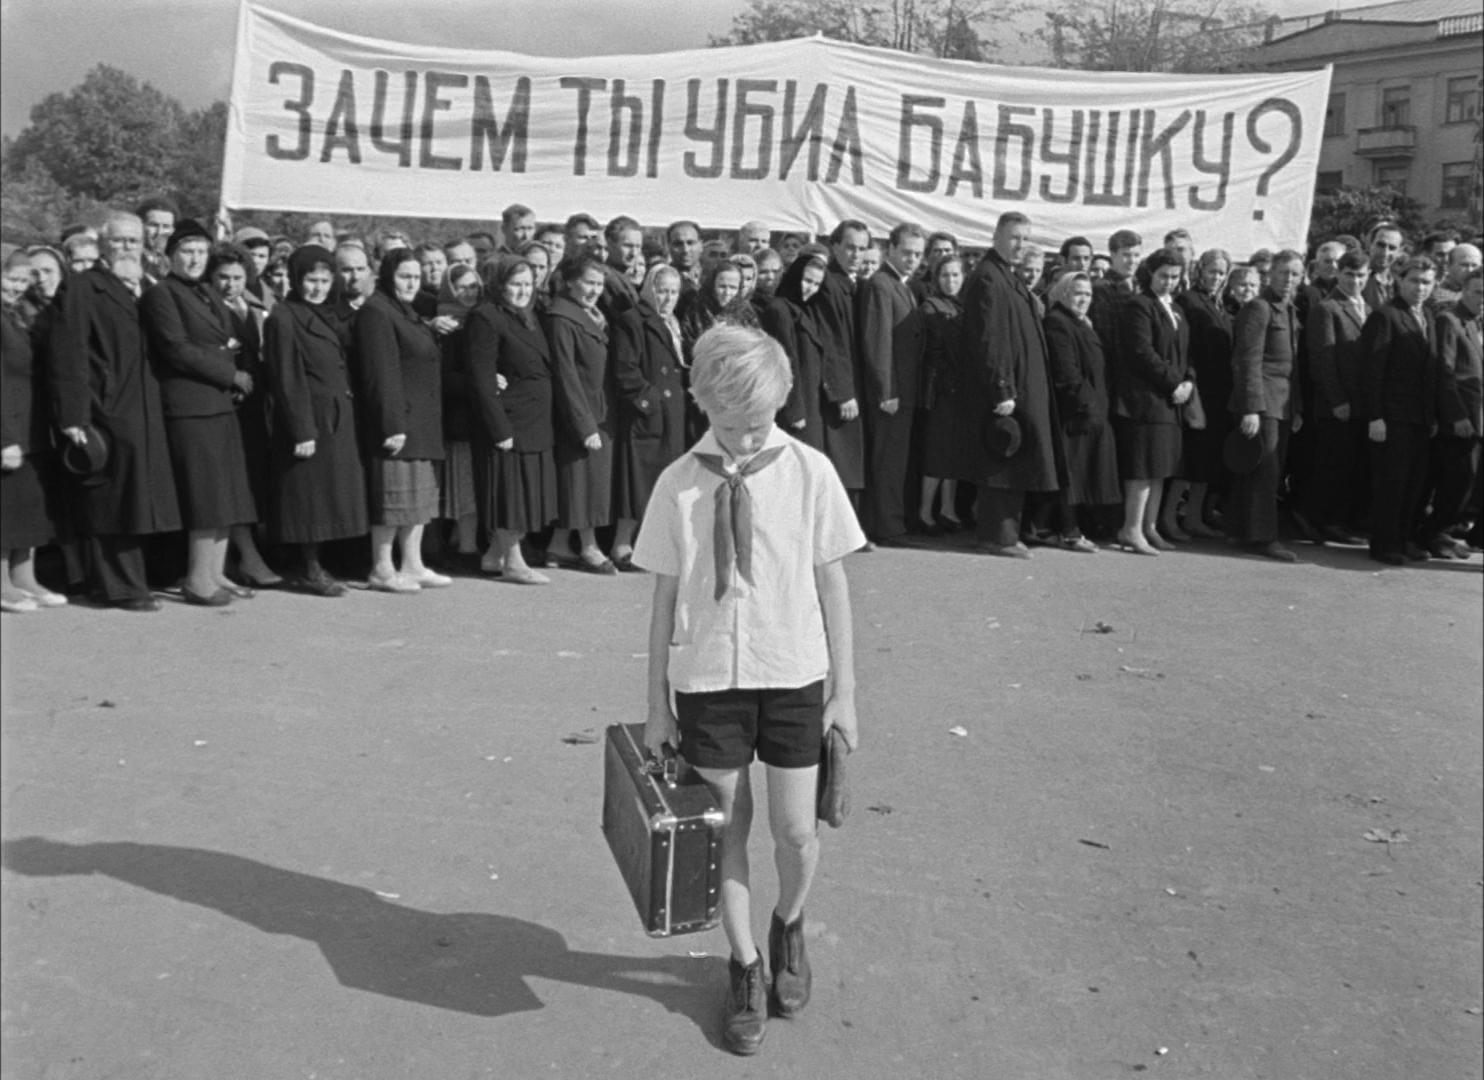 Добро пожаловать, или Посторонним вход воспрещен 1964